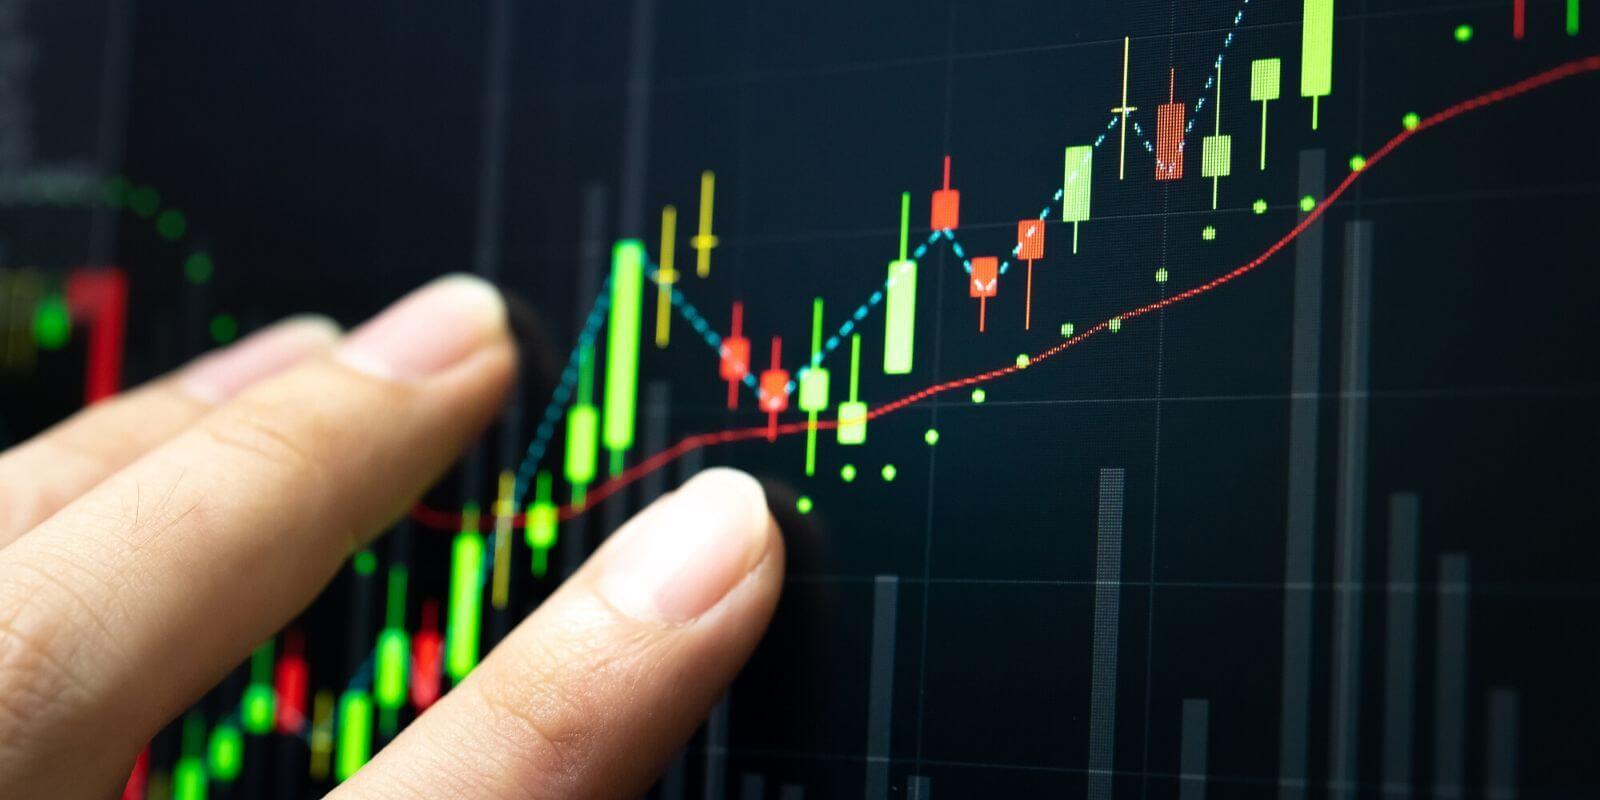 Analyse de la baisse du cours du Bitcoin le 8 novembre 2019